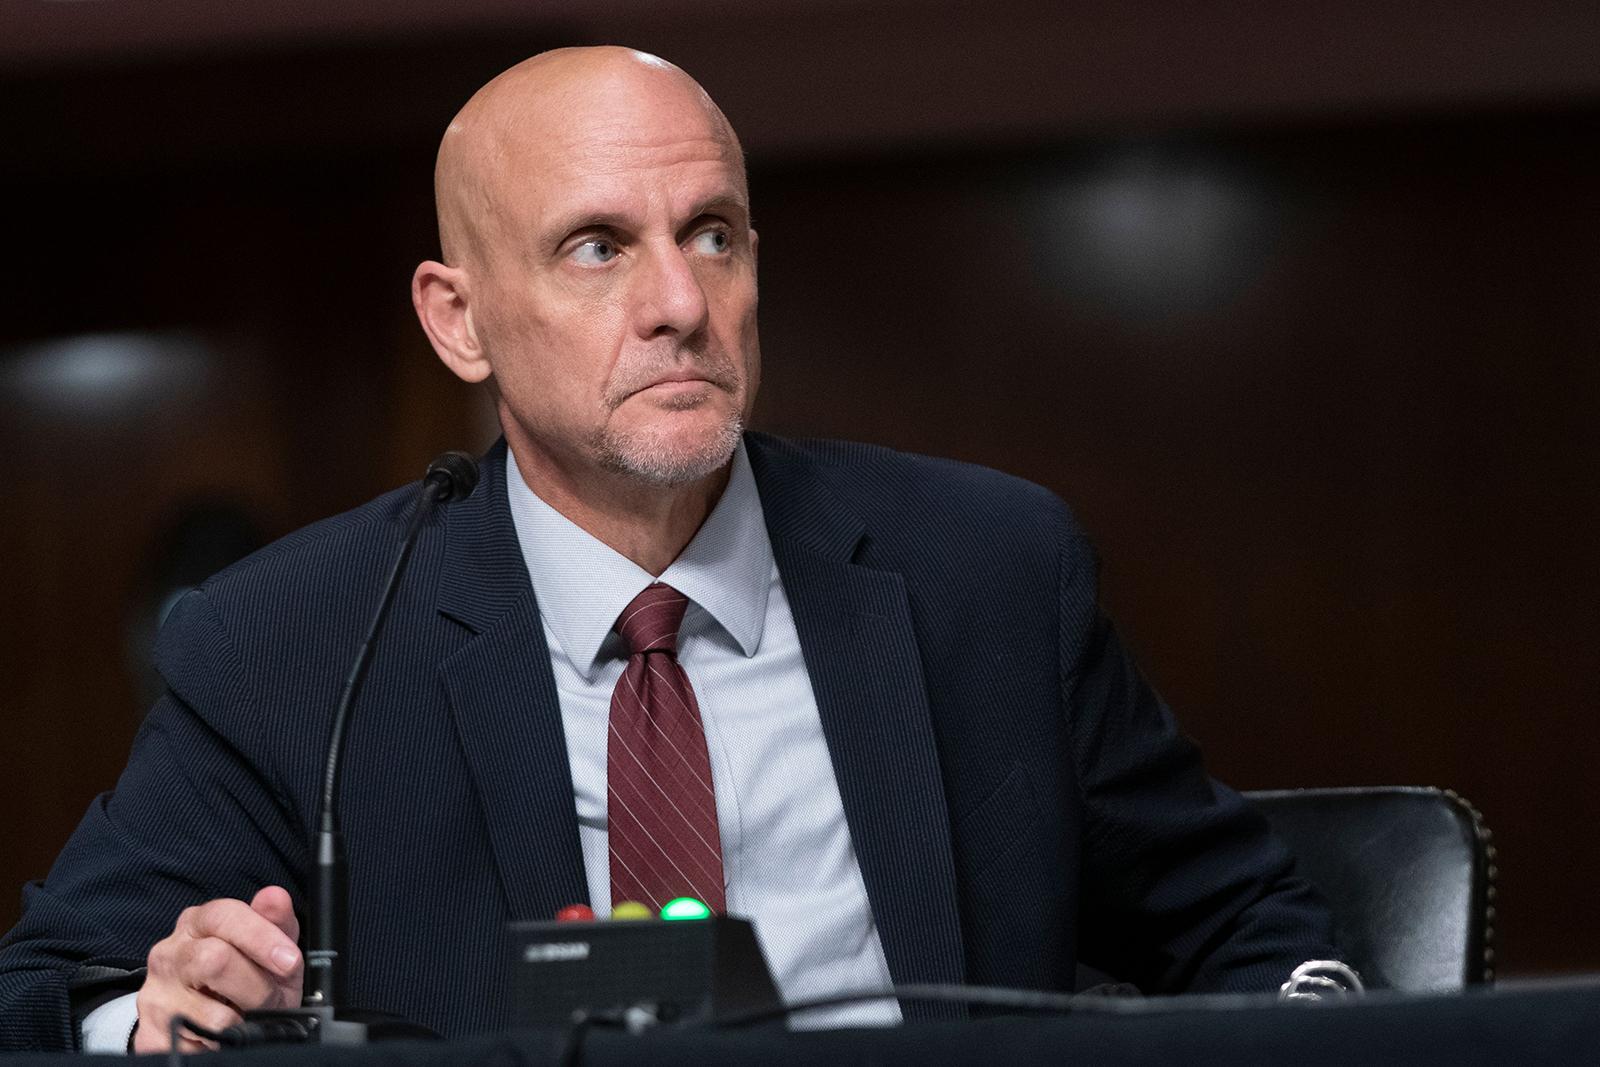 Dr.Stephen Hahn testifies during a Senate hearing on September 23, in Washington.